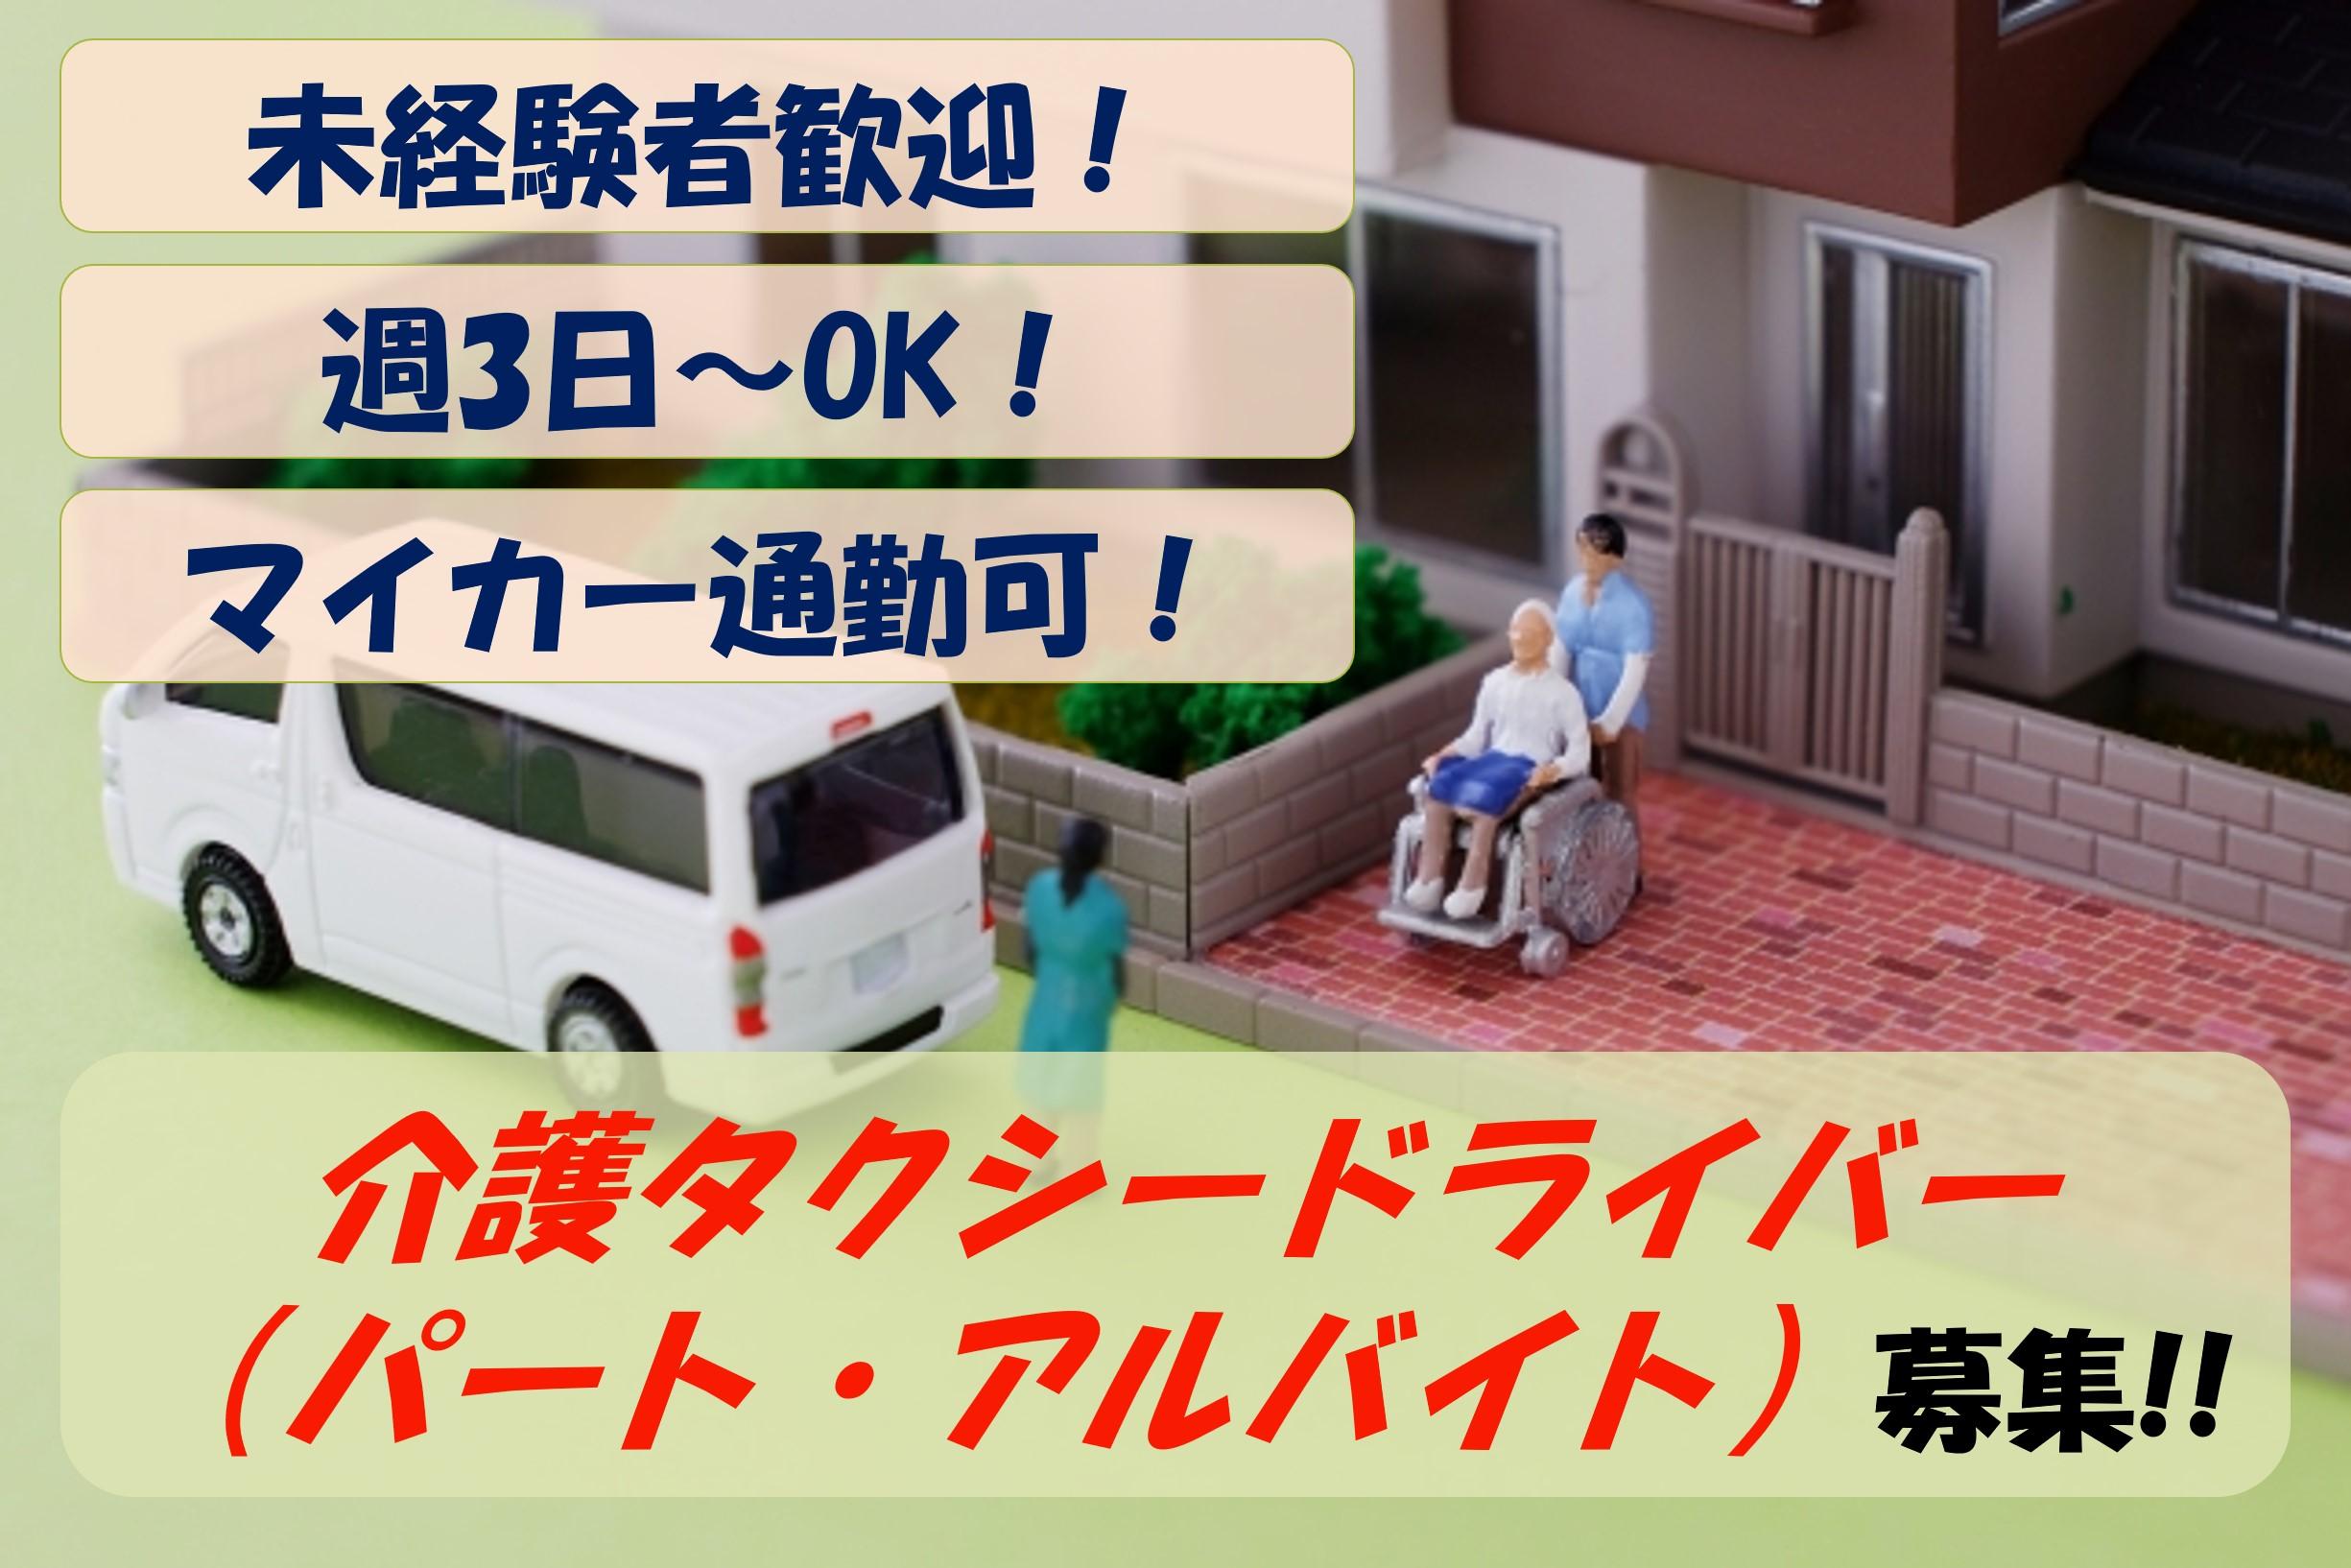 【急募】未経験者歓迎!週3日~OK!介護タクシードライバー募集 イメージ